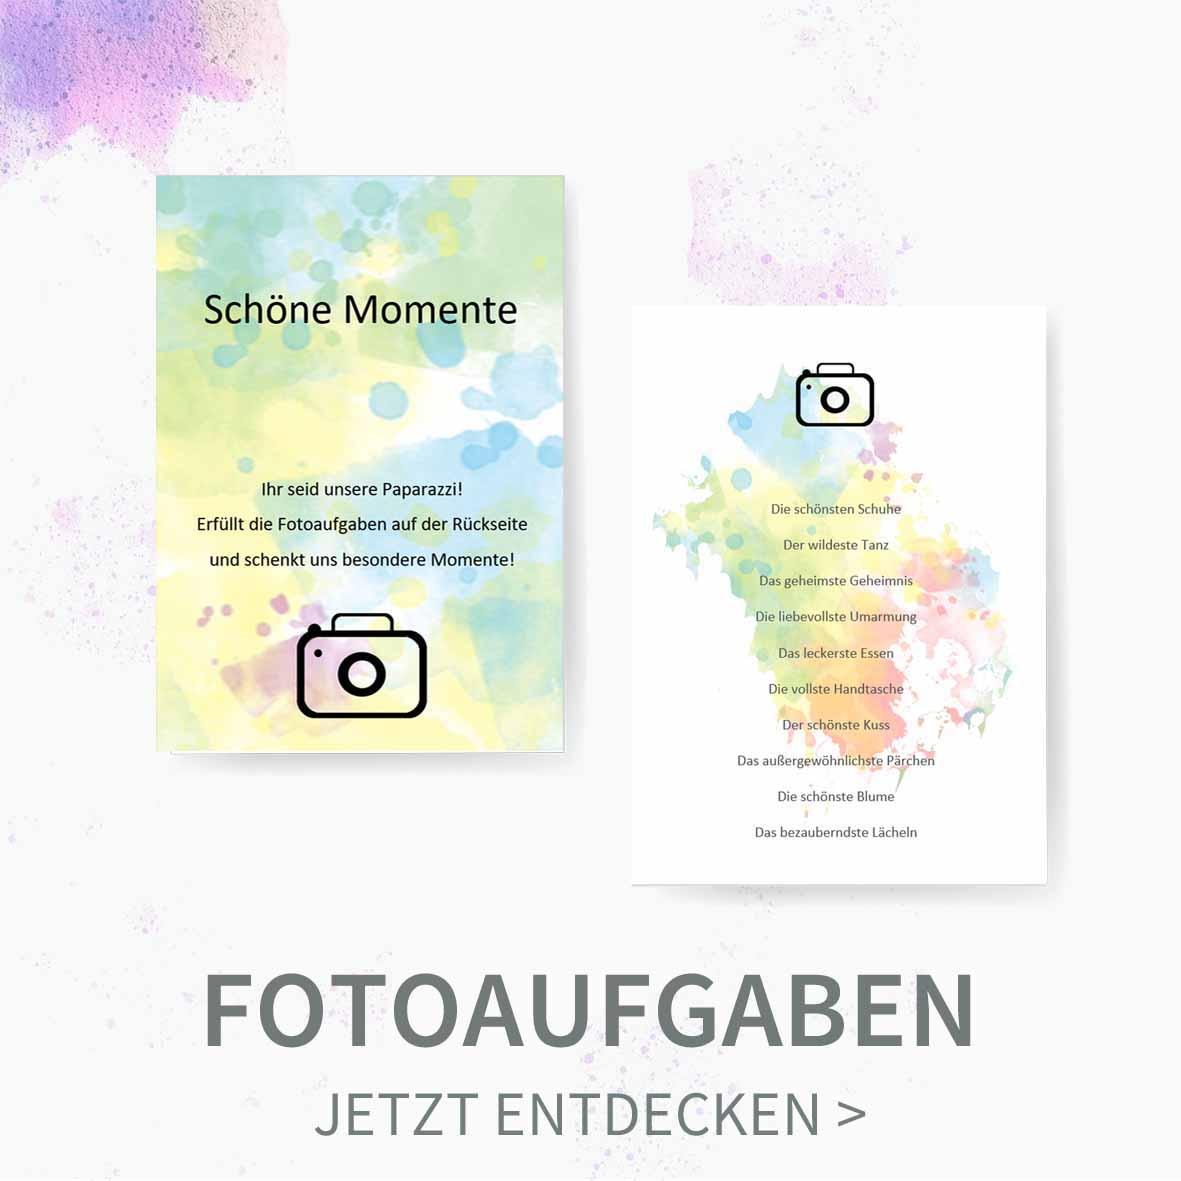 Druckvorlagen für selbst gebastelte Fotoaufgaben